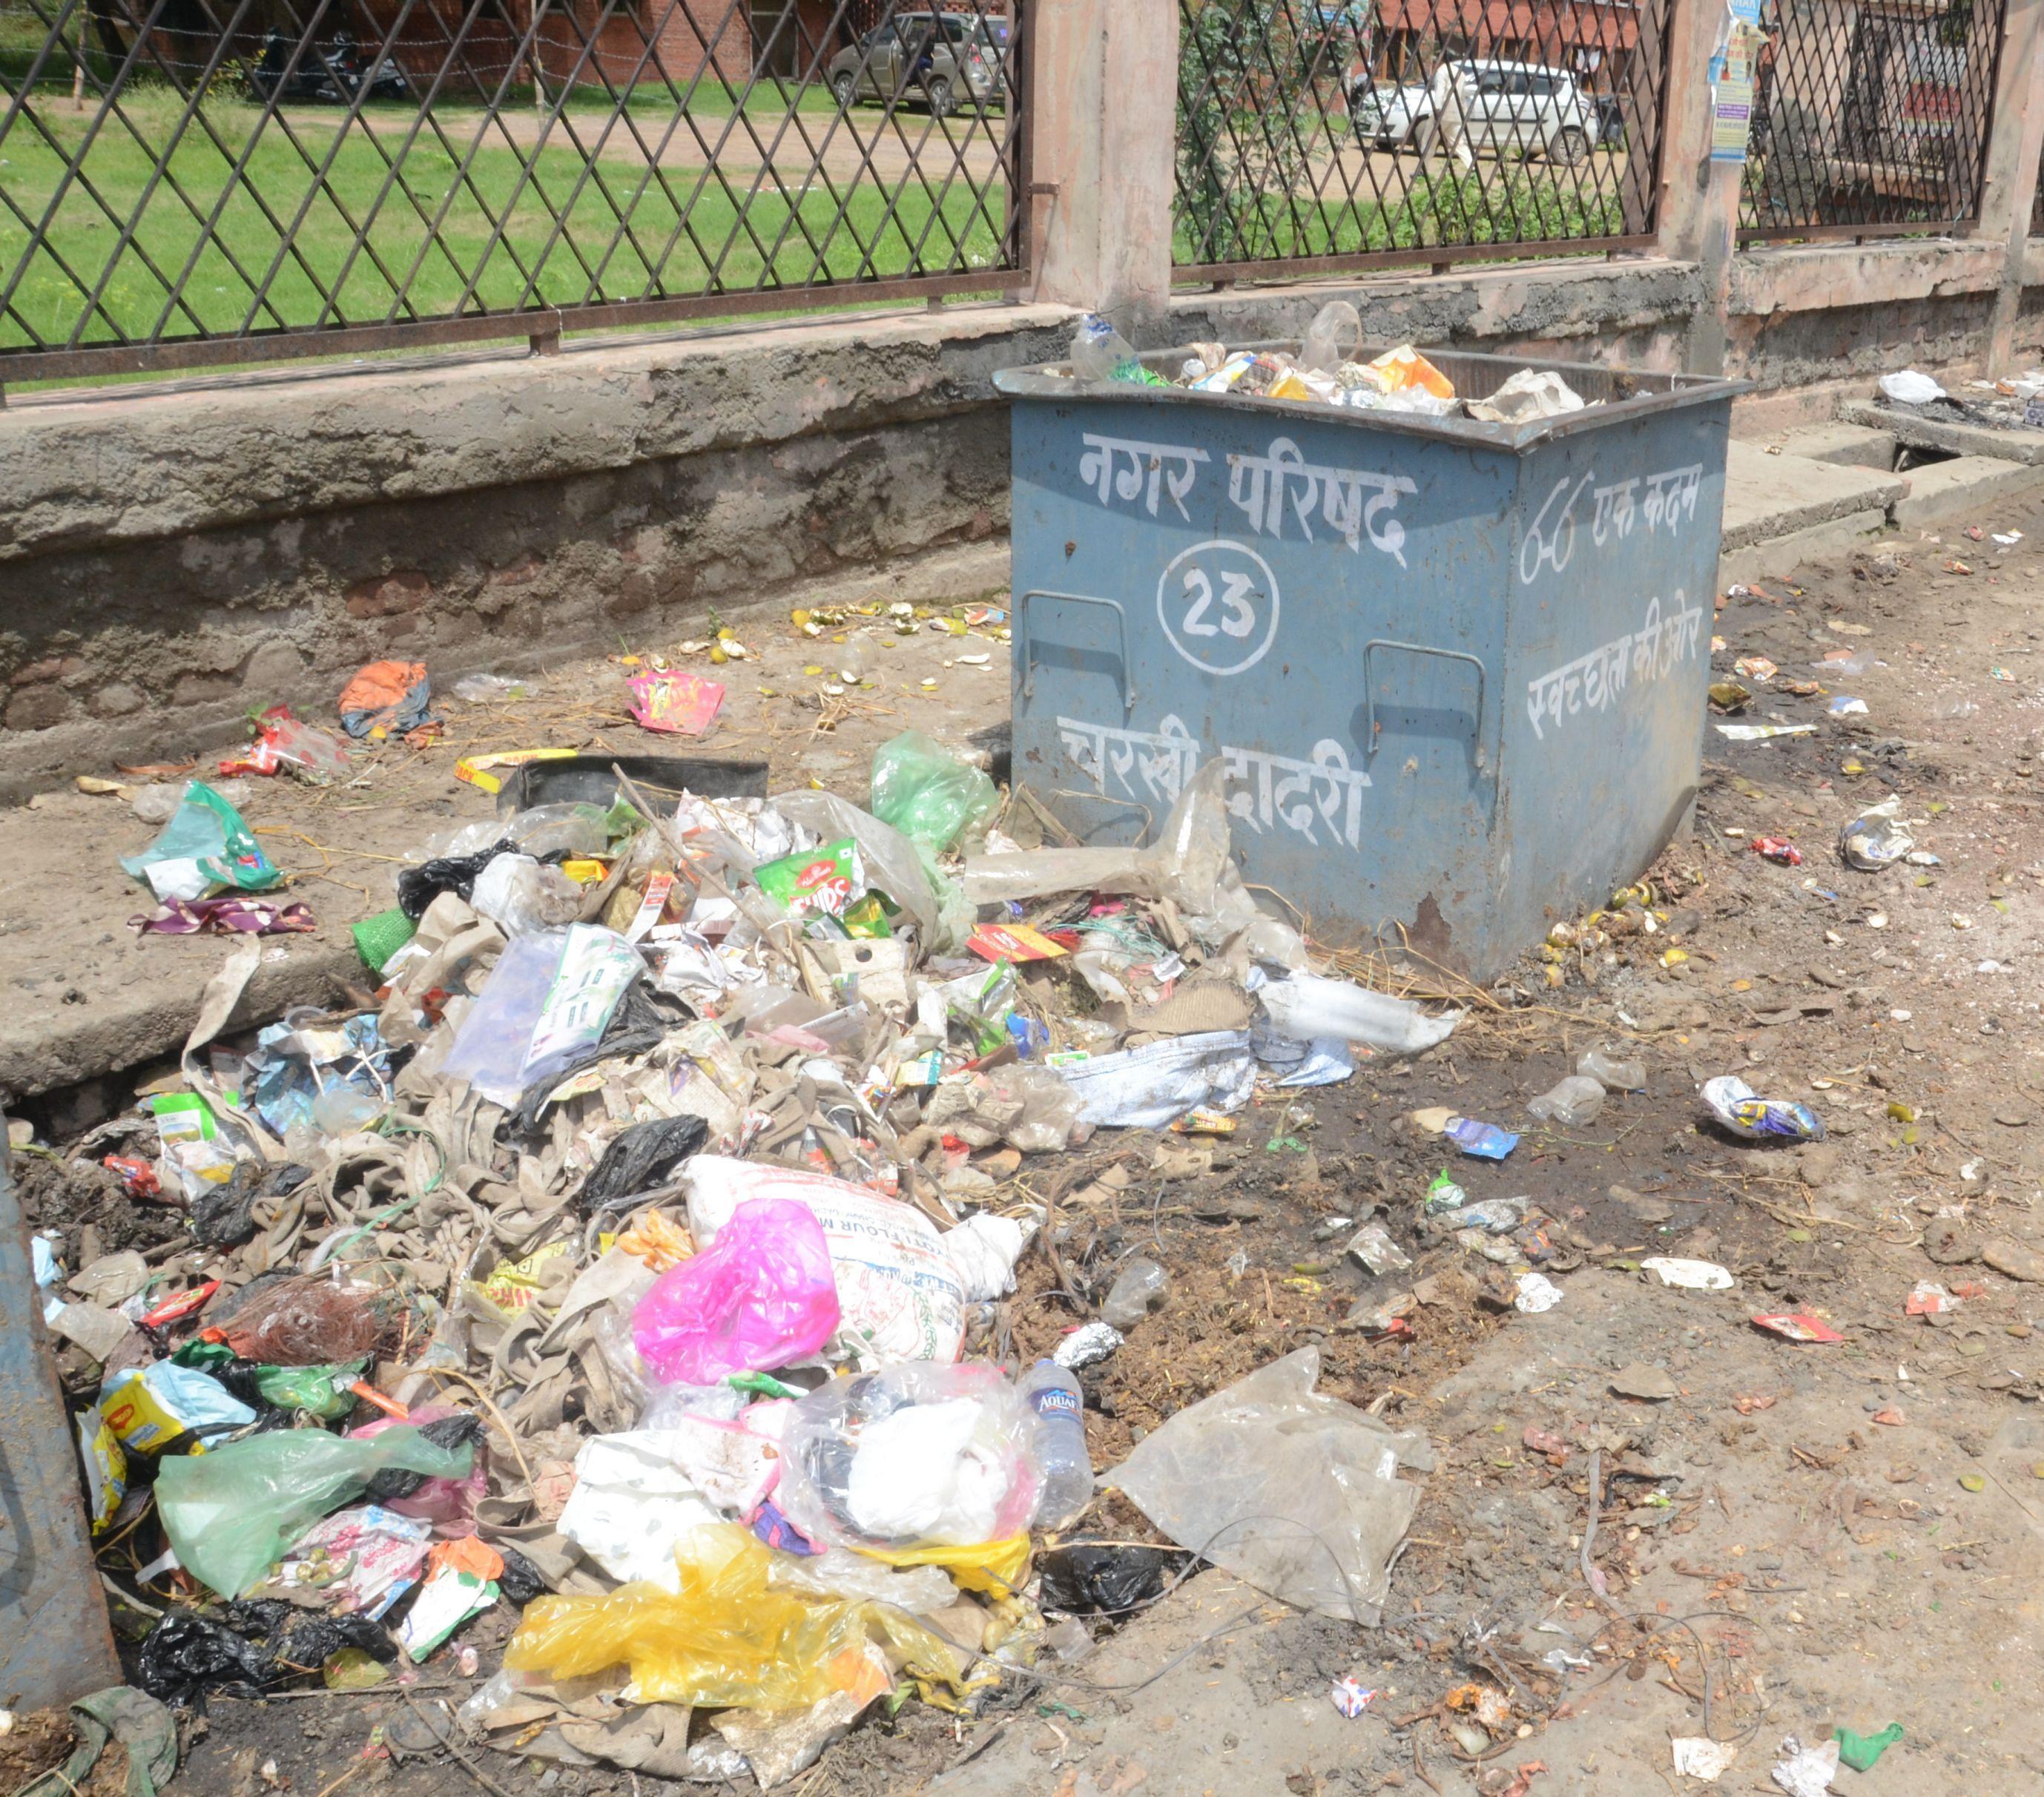 शहर में सड़क किनारे बने डंपिंग प्वाइंट पर पड़ा कचरा।